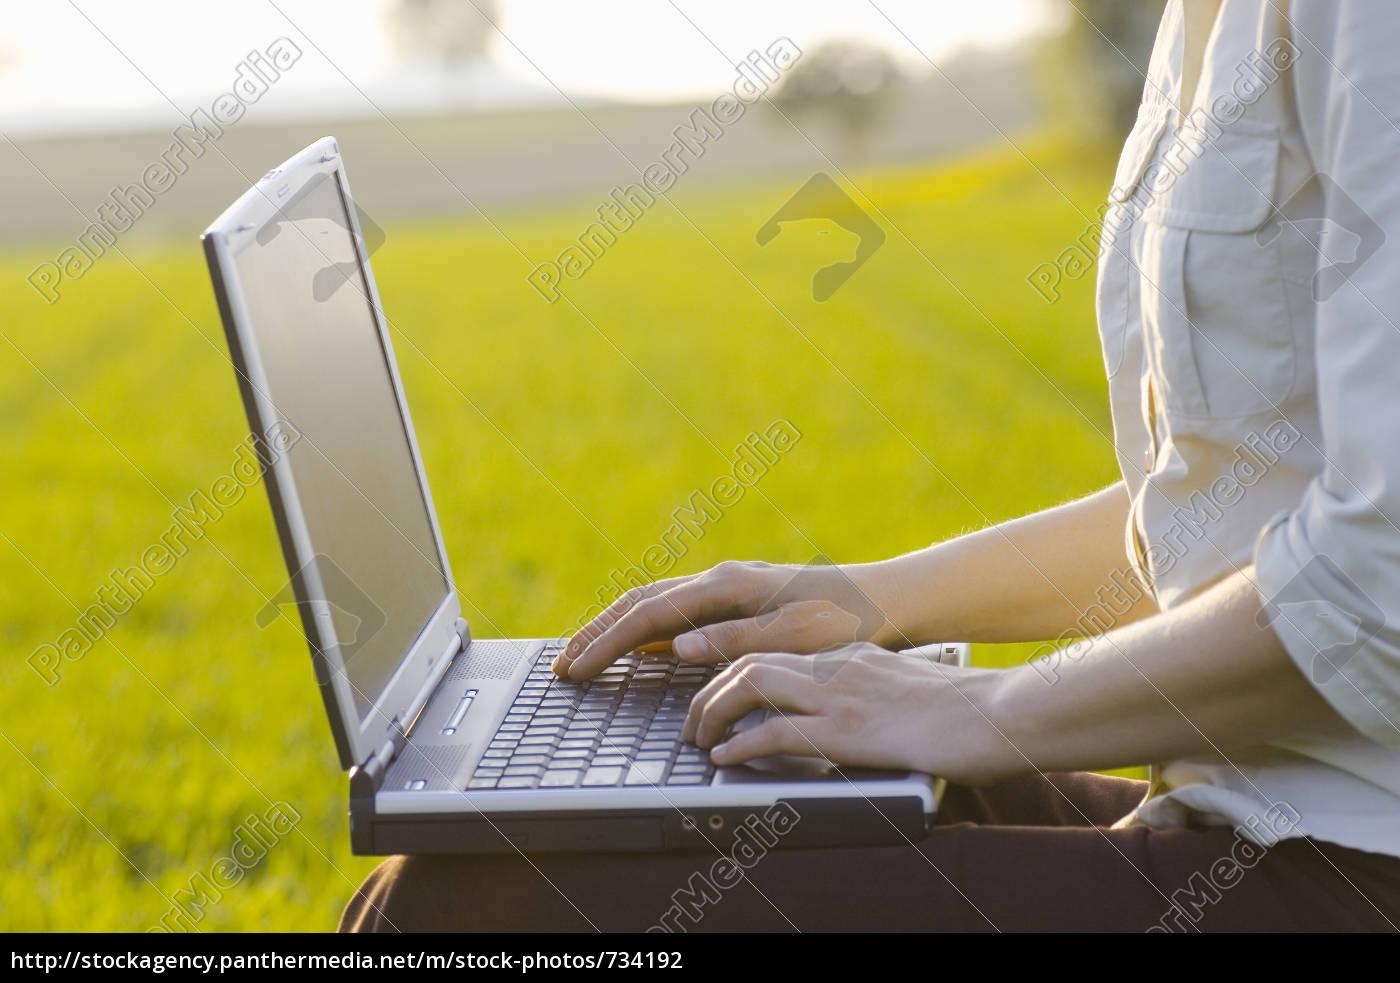 laptop, outdoor - 734192